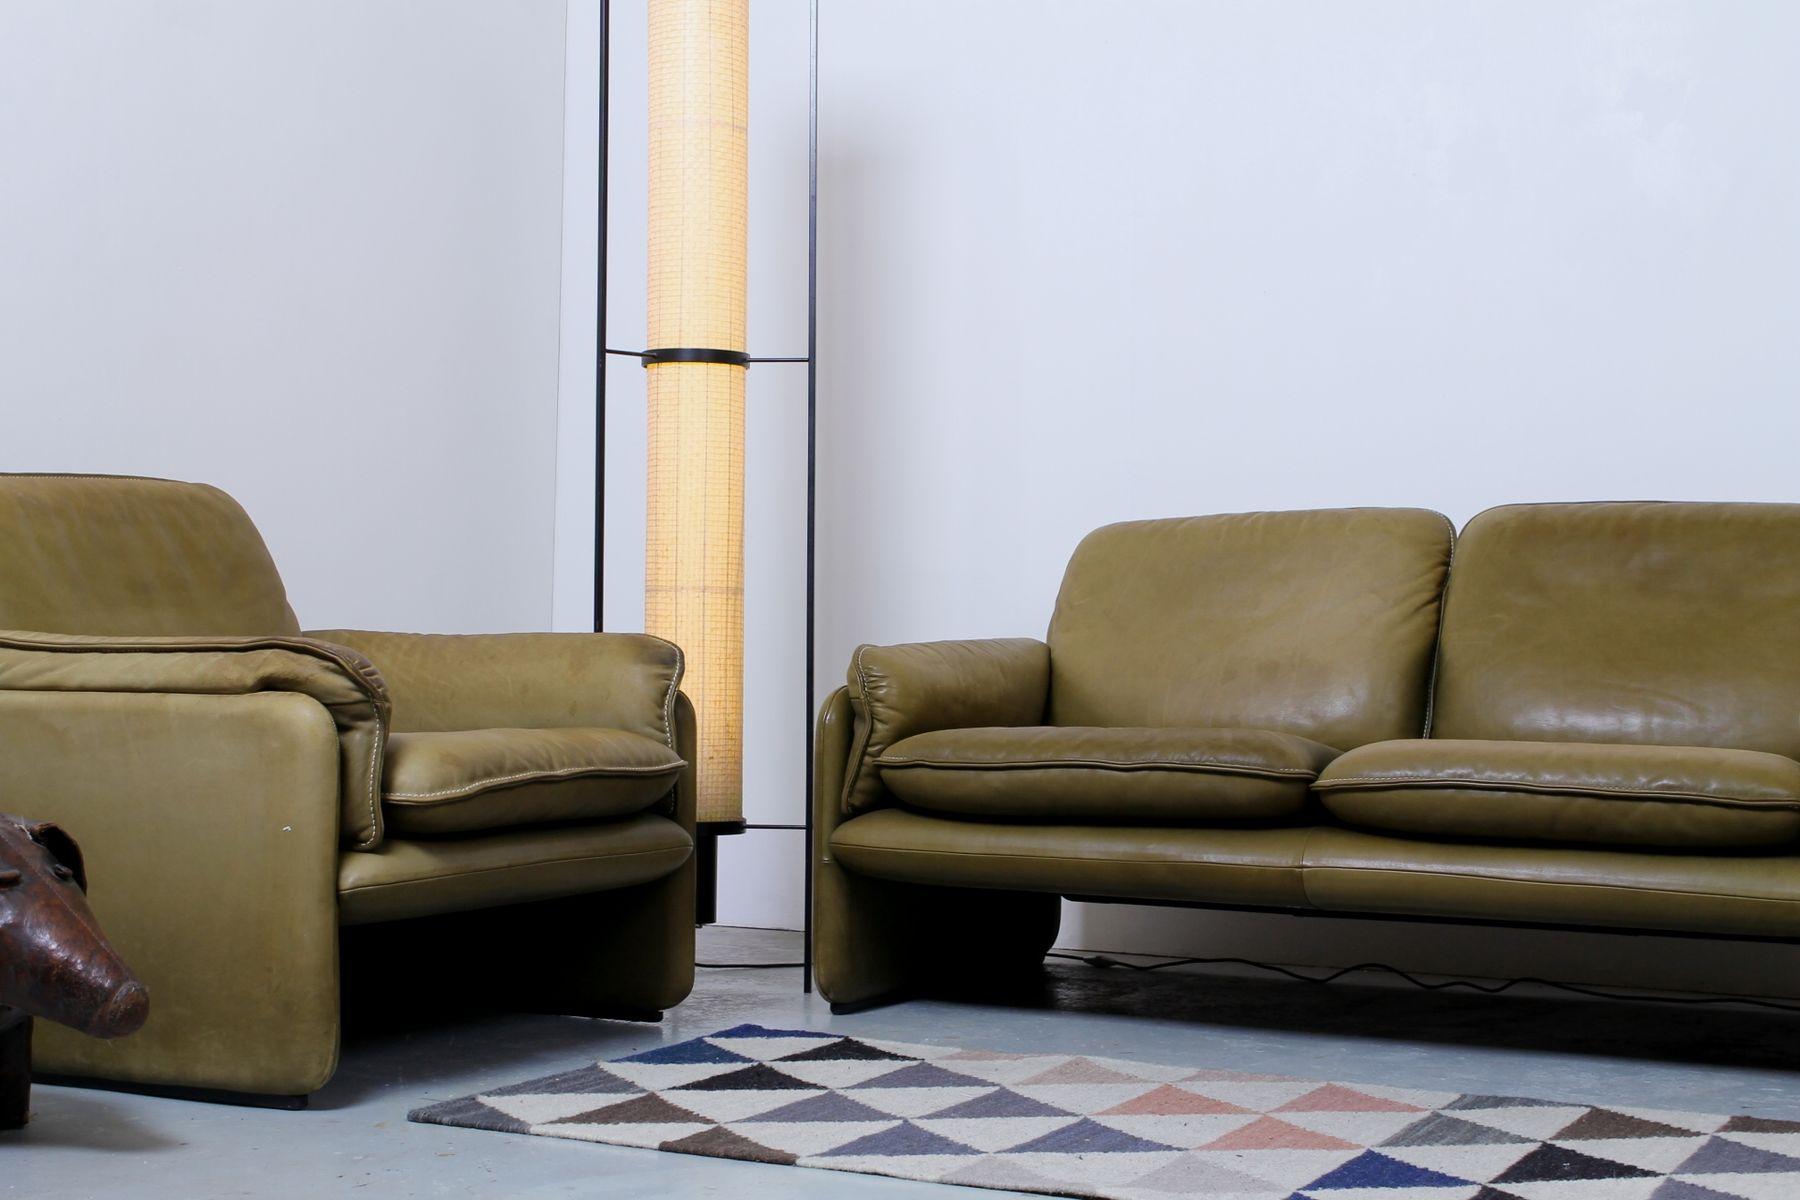 vintage 2 sitzer sofa und ds 61 sessel von de sede bei pamono kaufen. Black Bedroom Furniture Sets. Home Design Ideas